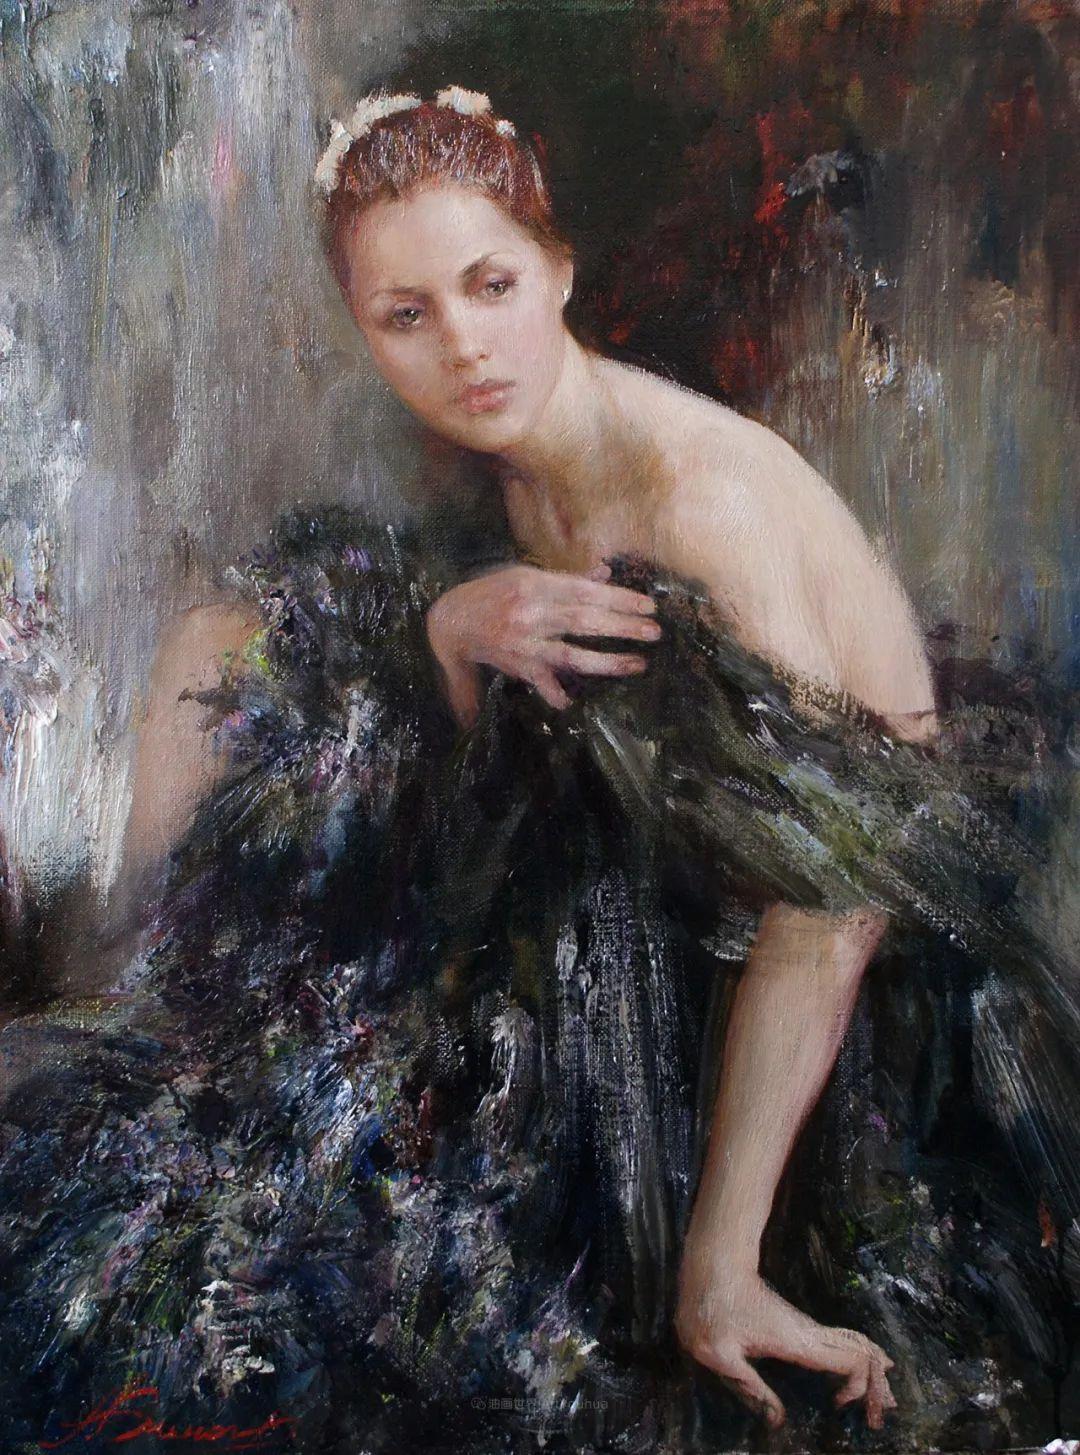 芭蕾舞蹈,俄罗斯女画家安娜·维诺加拉多娃插图7